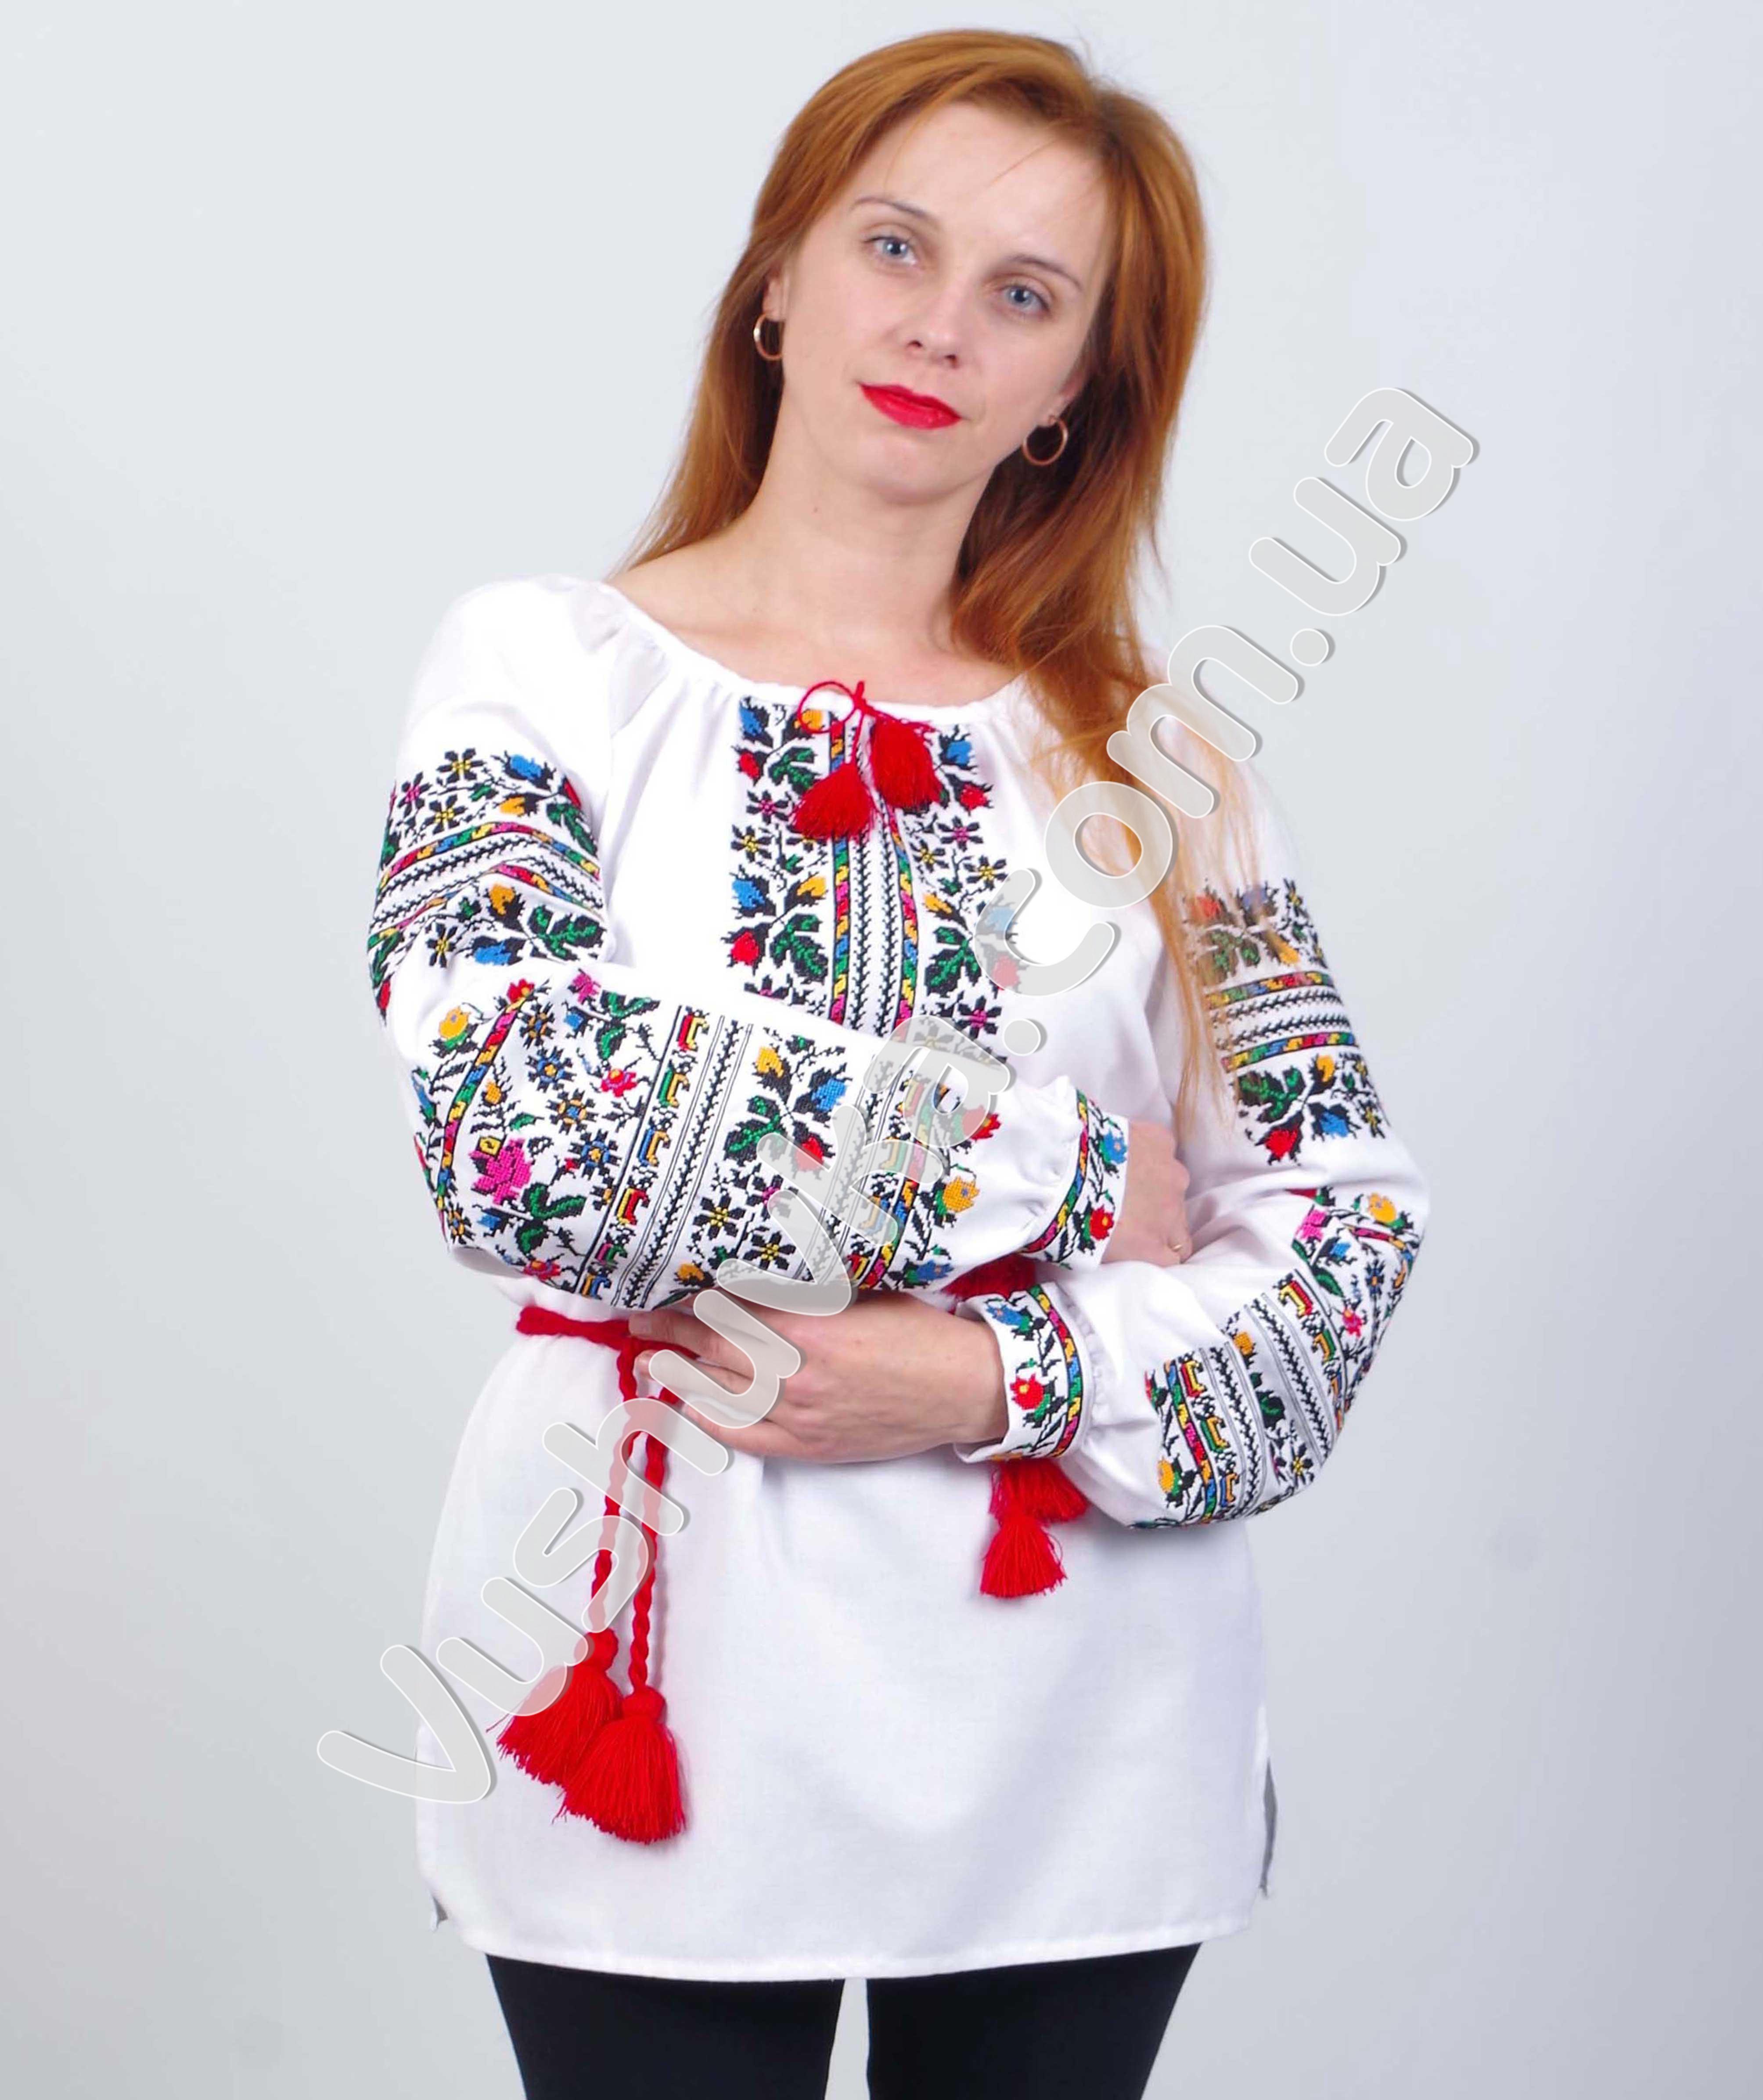 Вишита сорочка (арт. 2051) • купити в Україні 8bc8d1d4a17fd